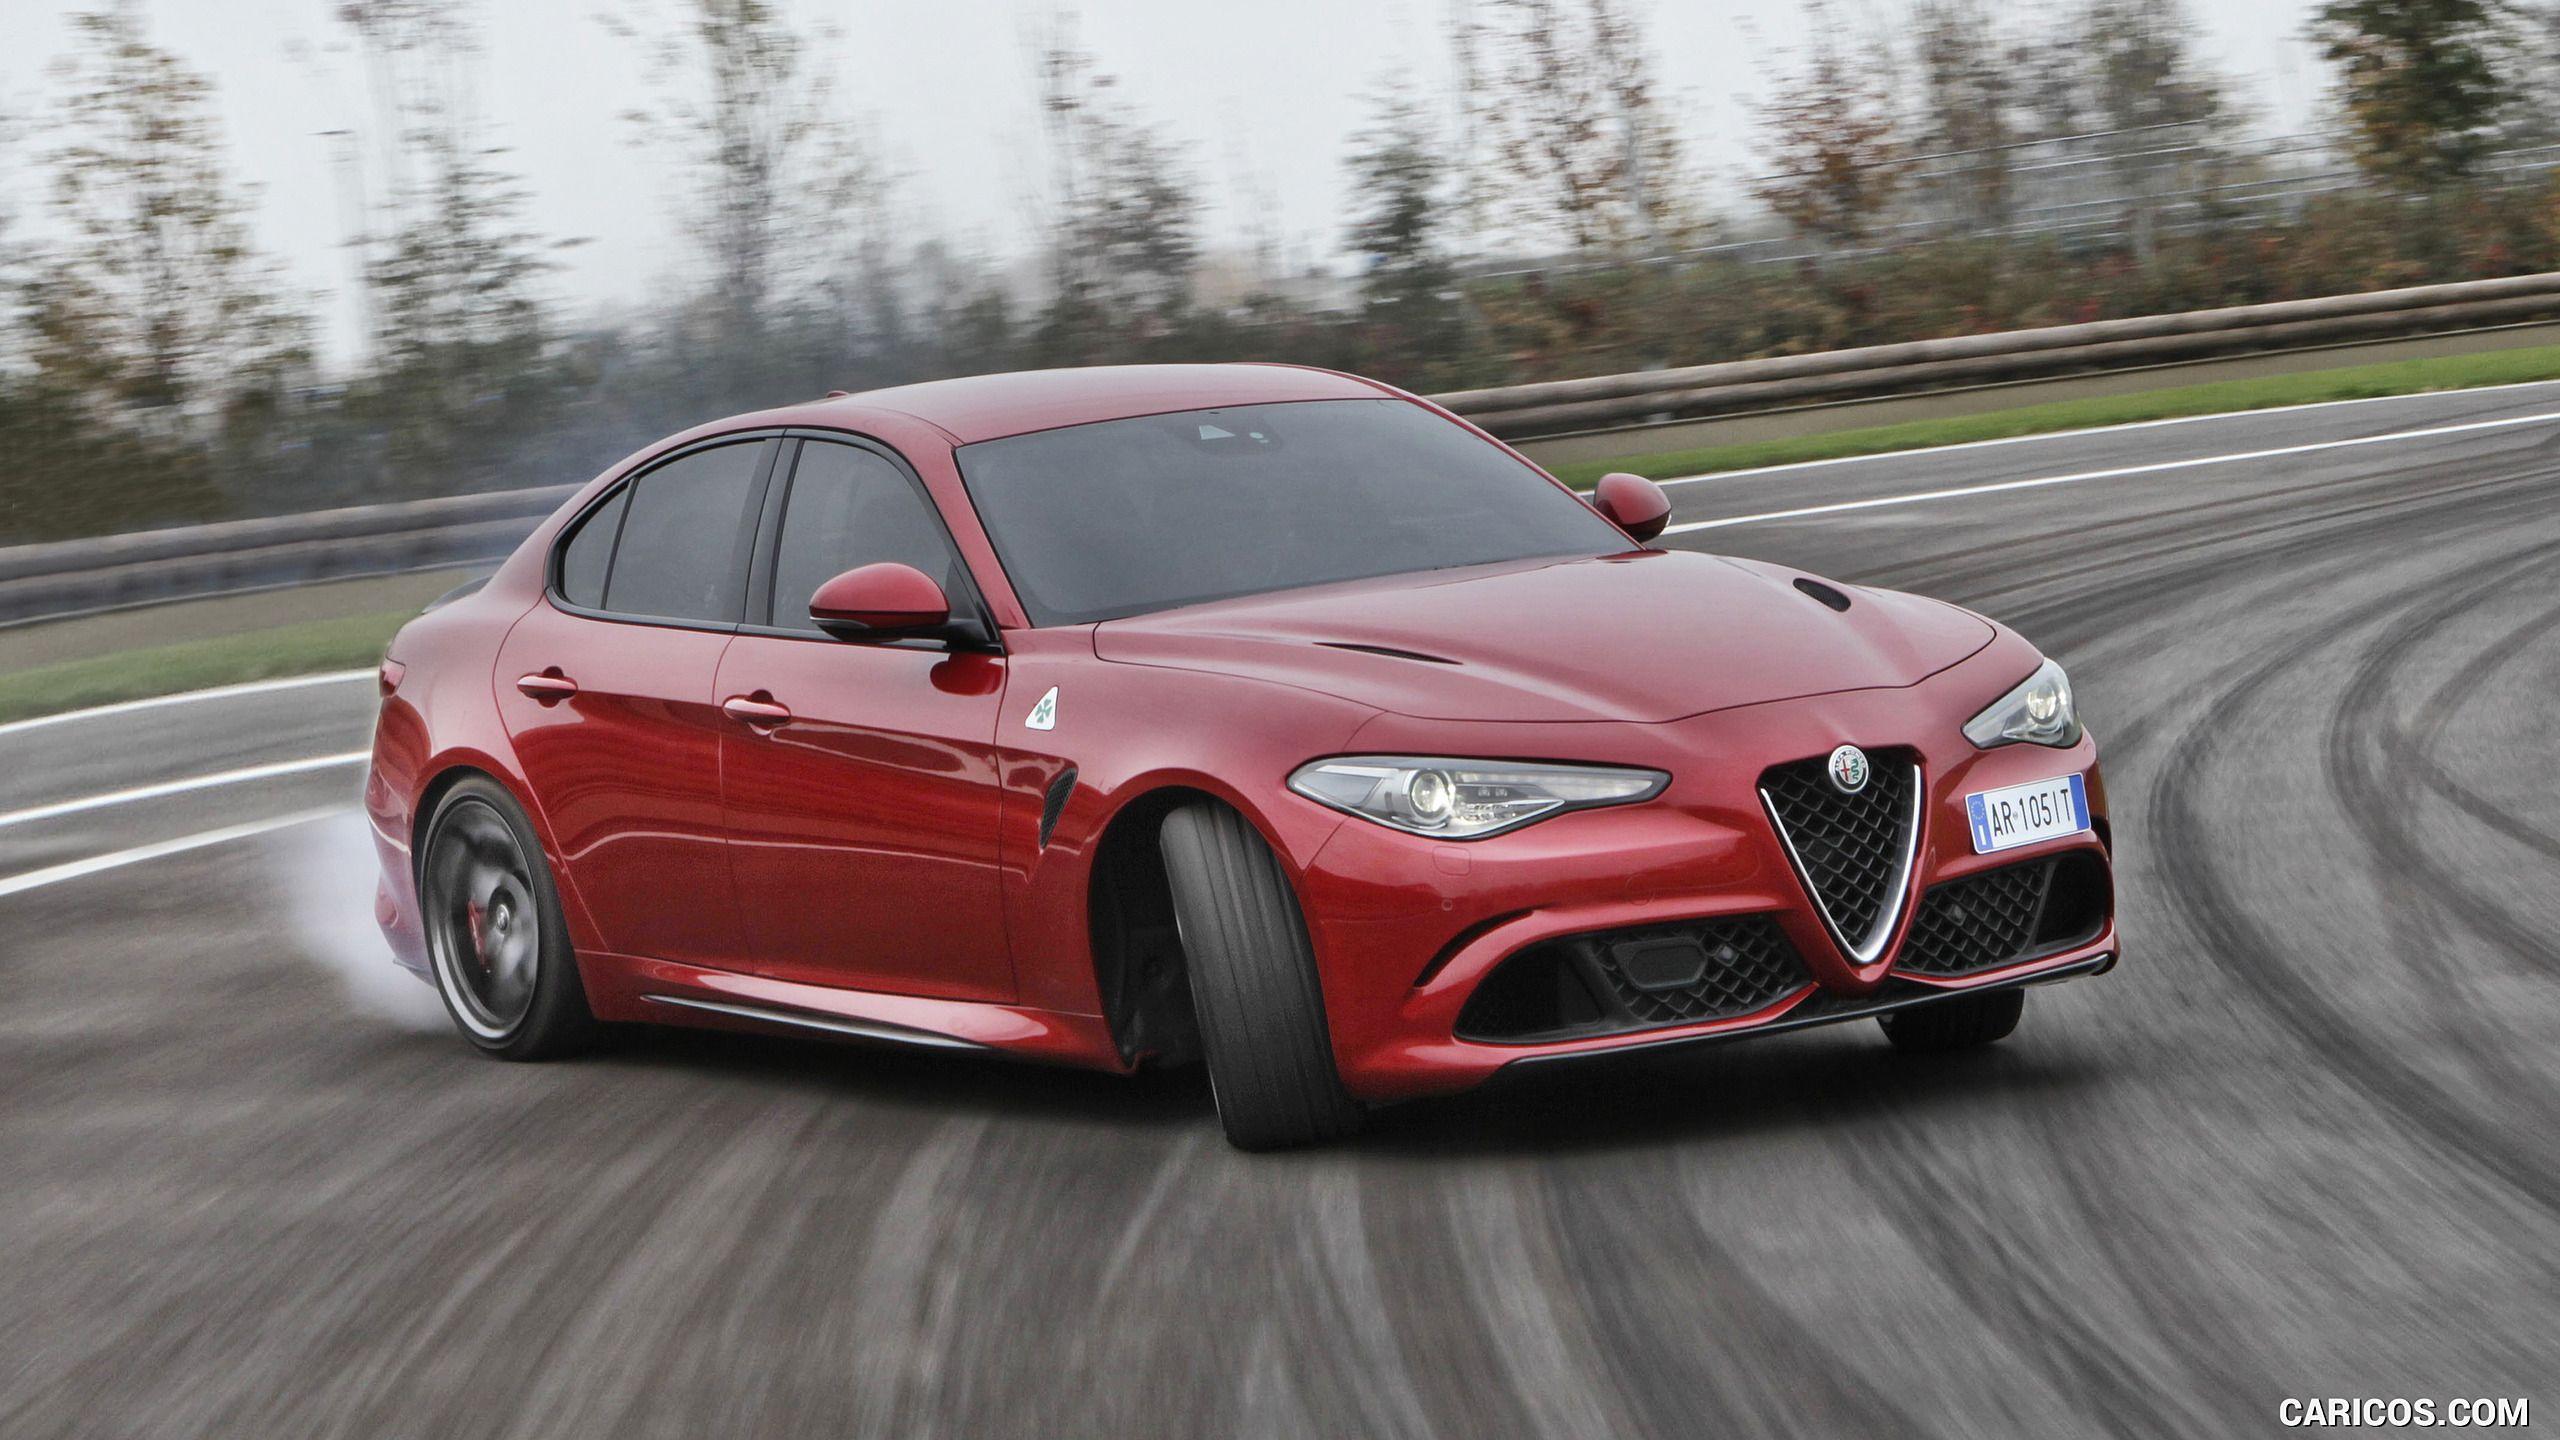 2017 Alfa Romeo Giulia Quadrifoglio Alfa Romeo Giulia Quadrifoglio Alfa Romeo Giulia Alfa Romeo Quadrifoglio